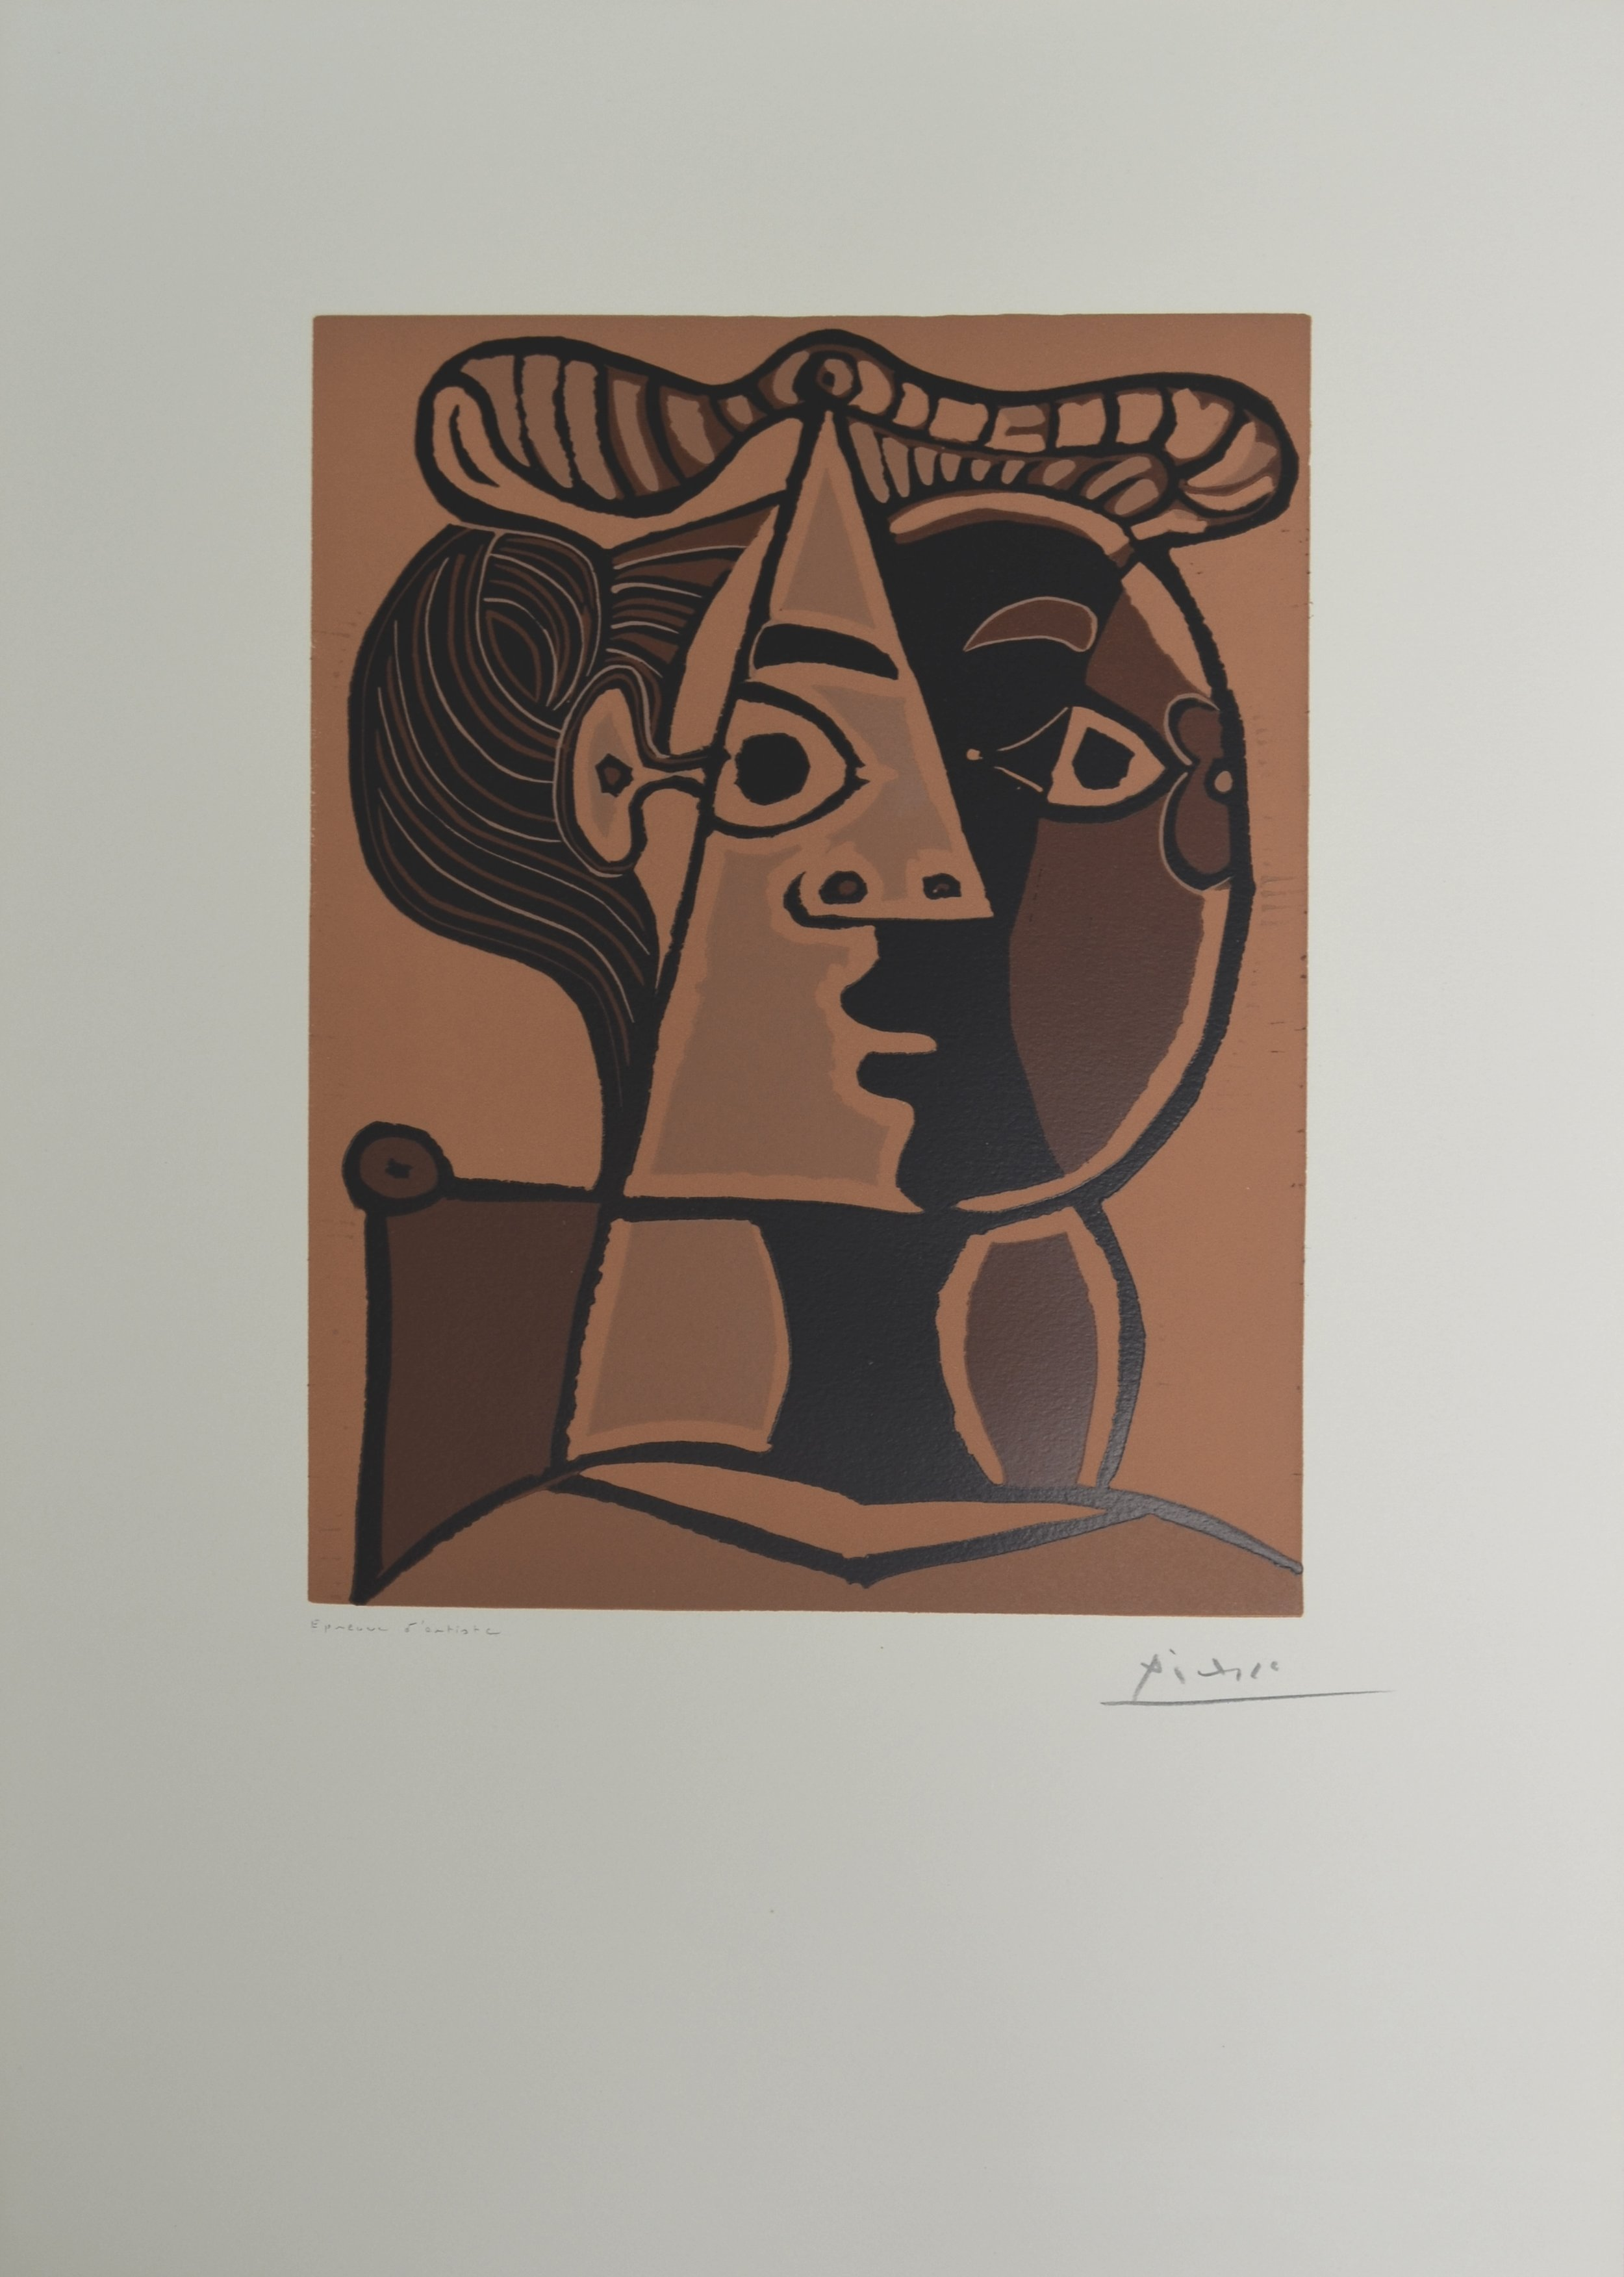 Picasso - FEMME ASSISE AU CHIGNON